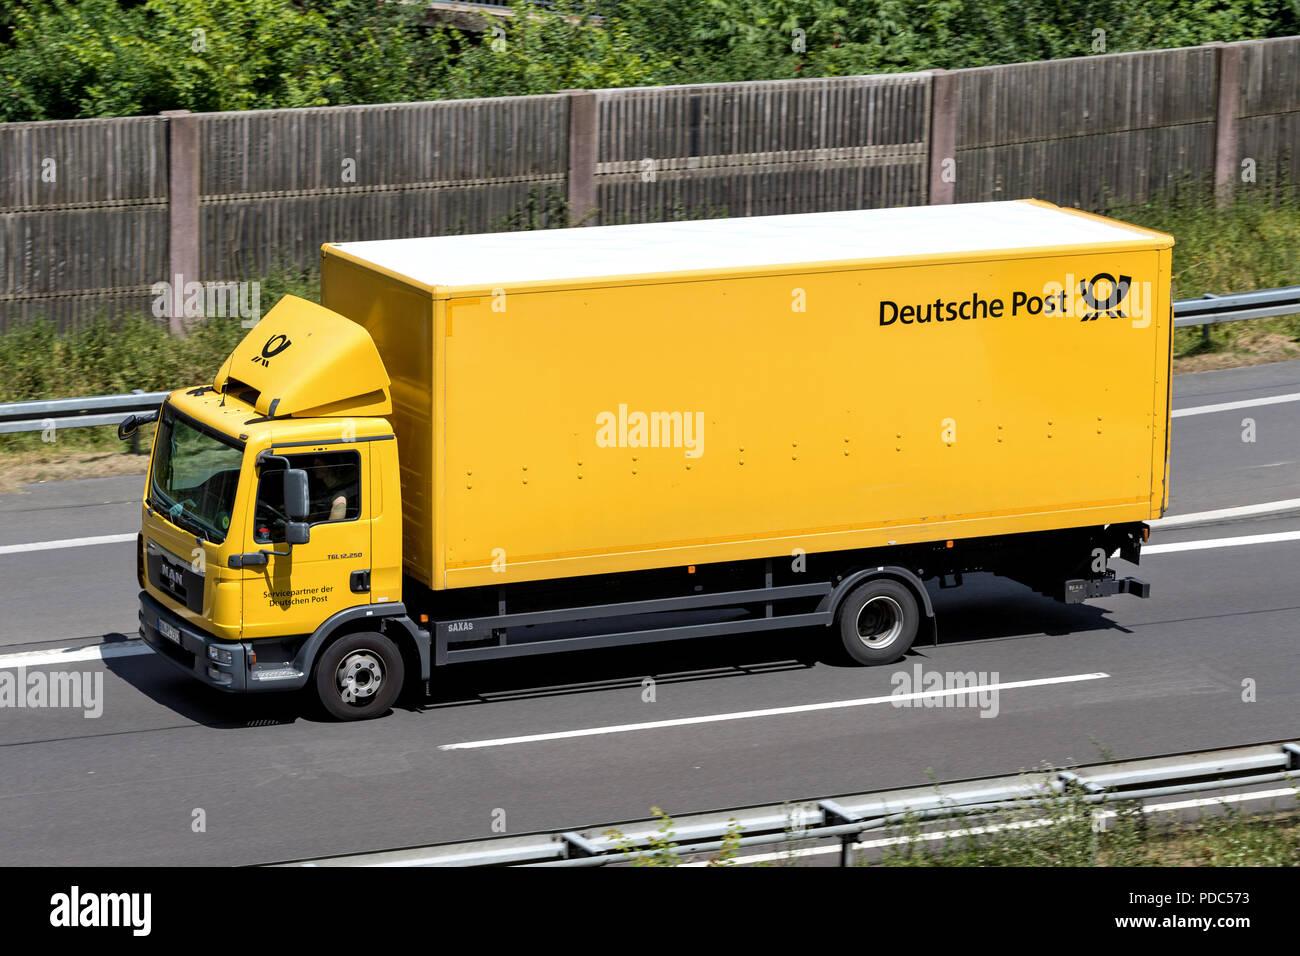 Deutsche Post Lkw Auf Der Autobahn Die Deutsche Post Bietet 61